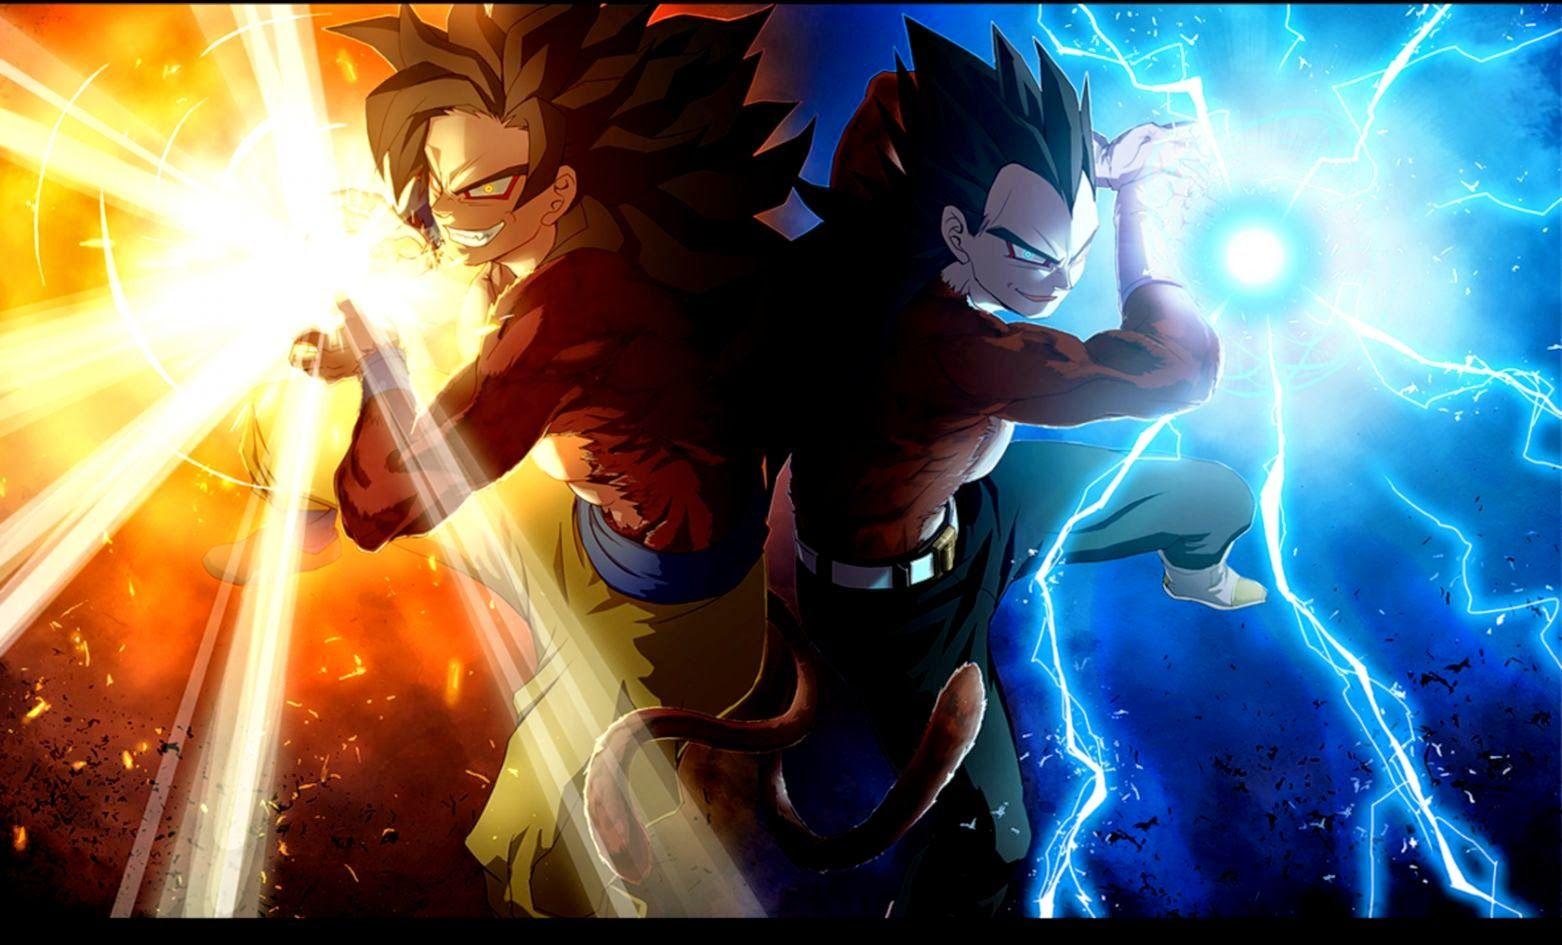 Vegeta Son Goku Dragon Ball Fusion HD Wallpaper Anime Amp Manga